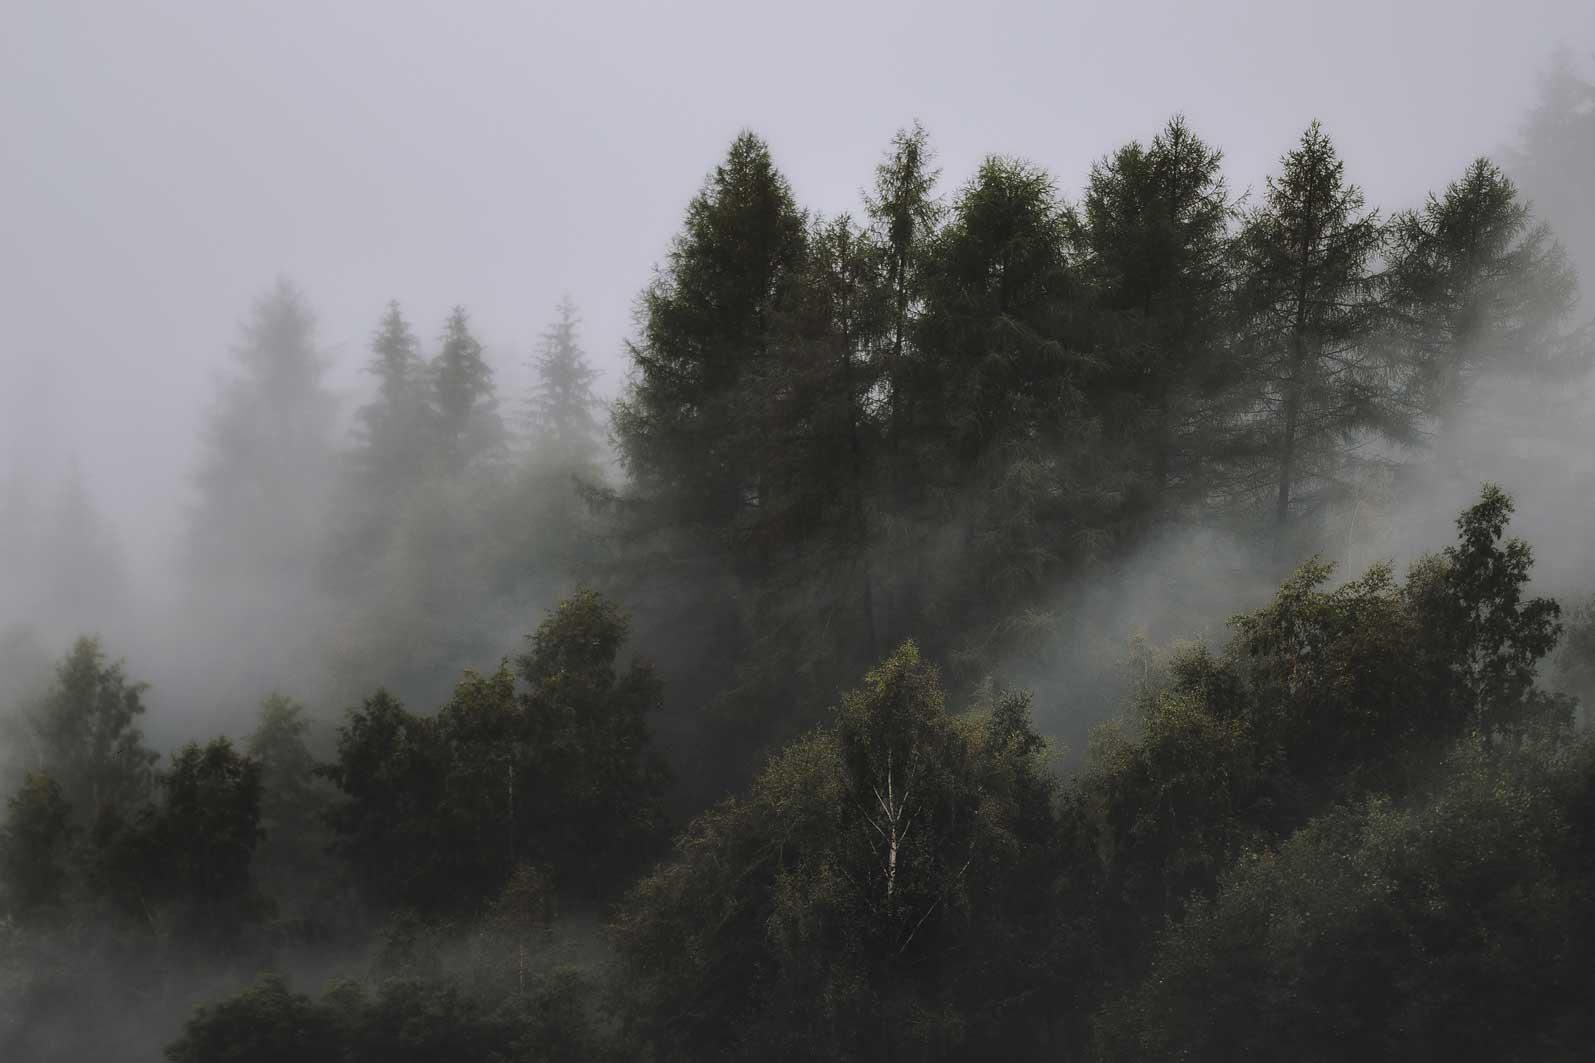 E0002 | Eberhard Grossgasteiger | Foggy forest